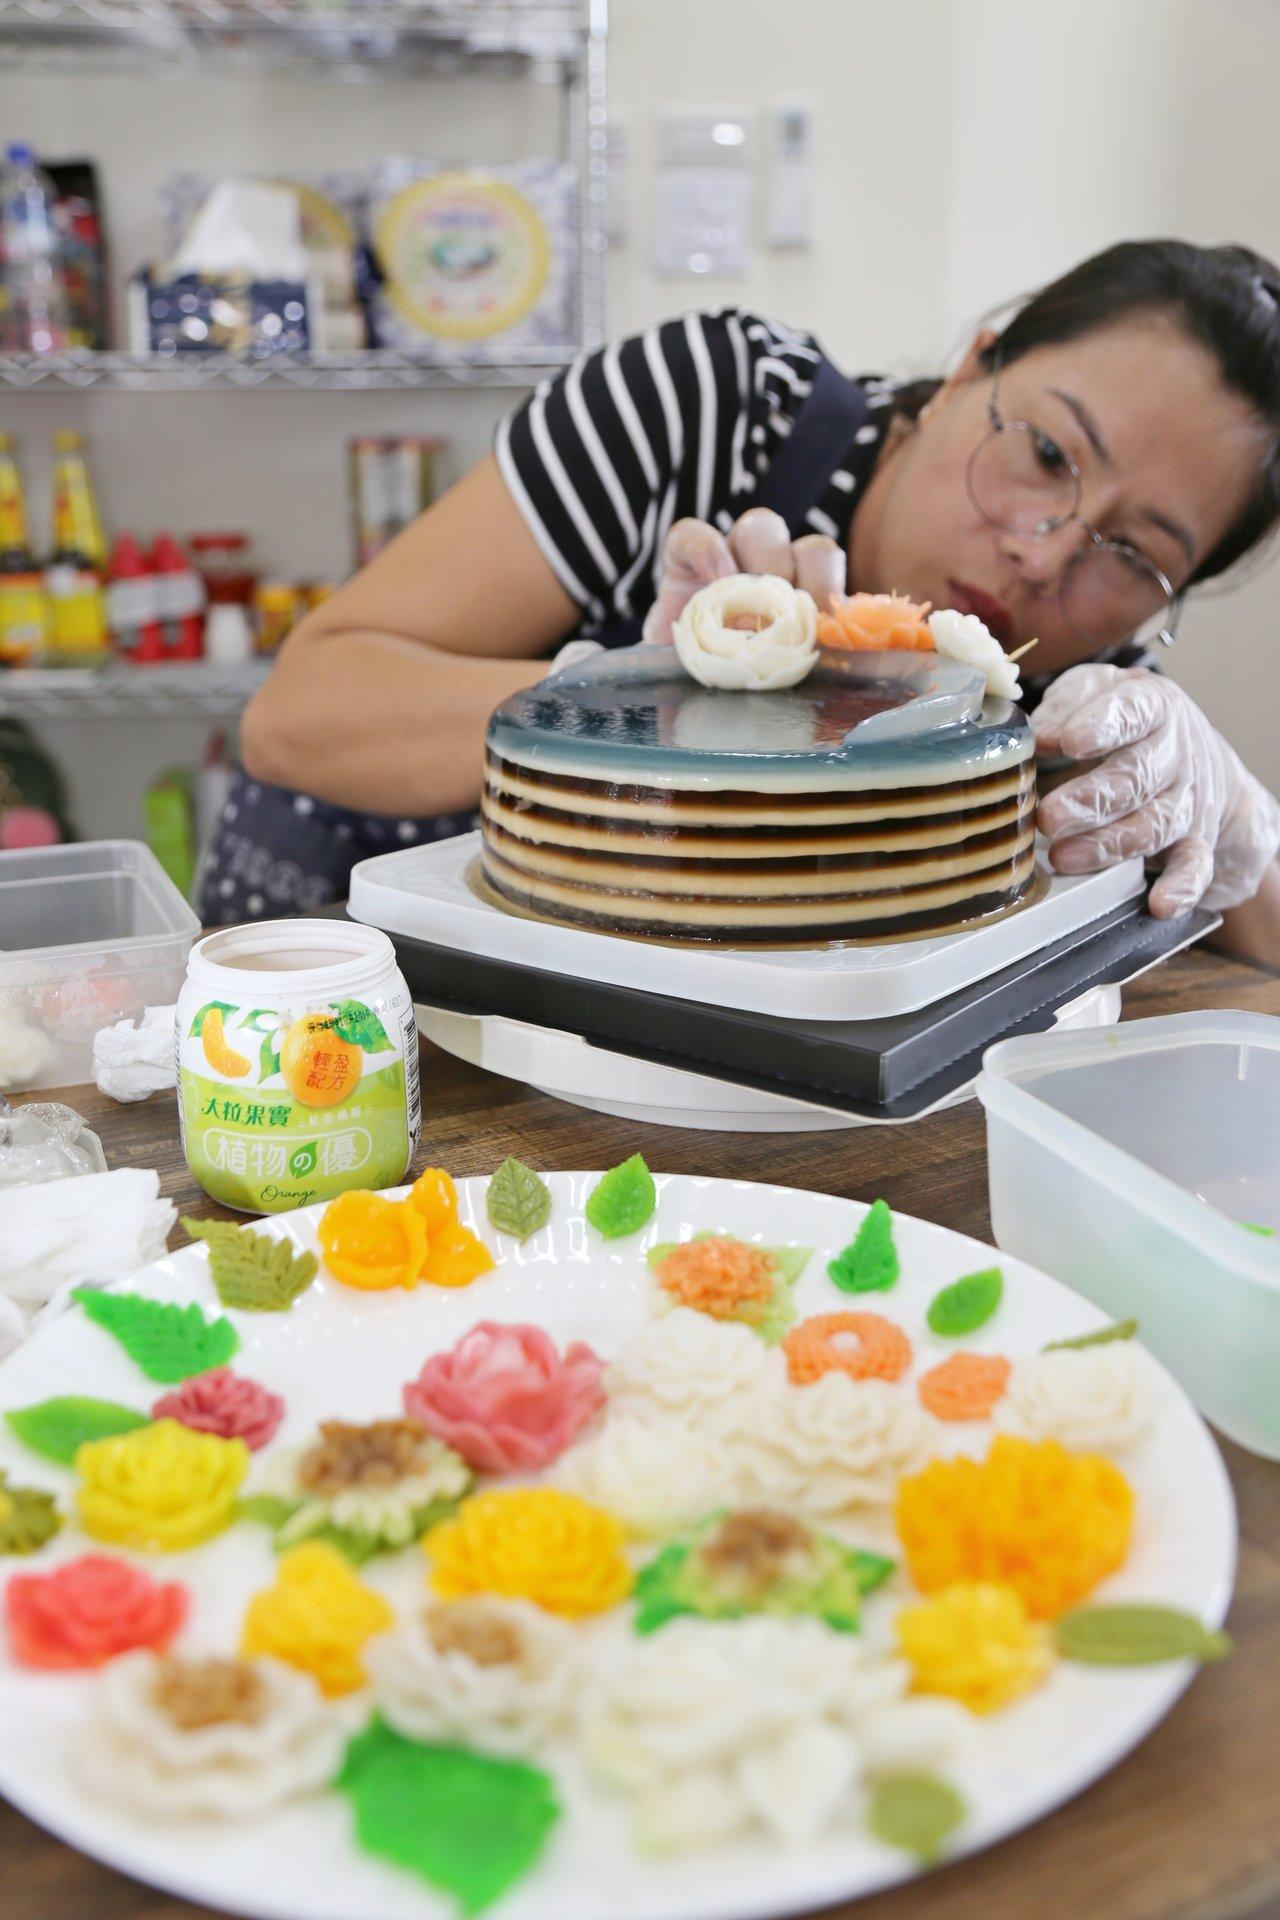 單親媽越南新住民陳范清姮,以玫瑰花立體果凍,開展脫貧人生。圖/縣府提供